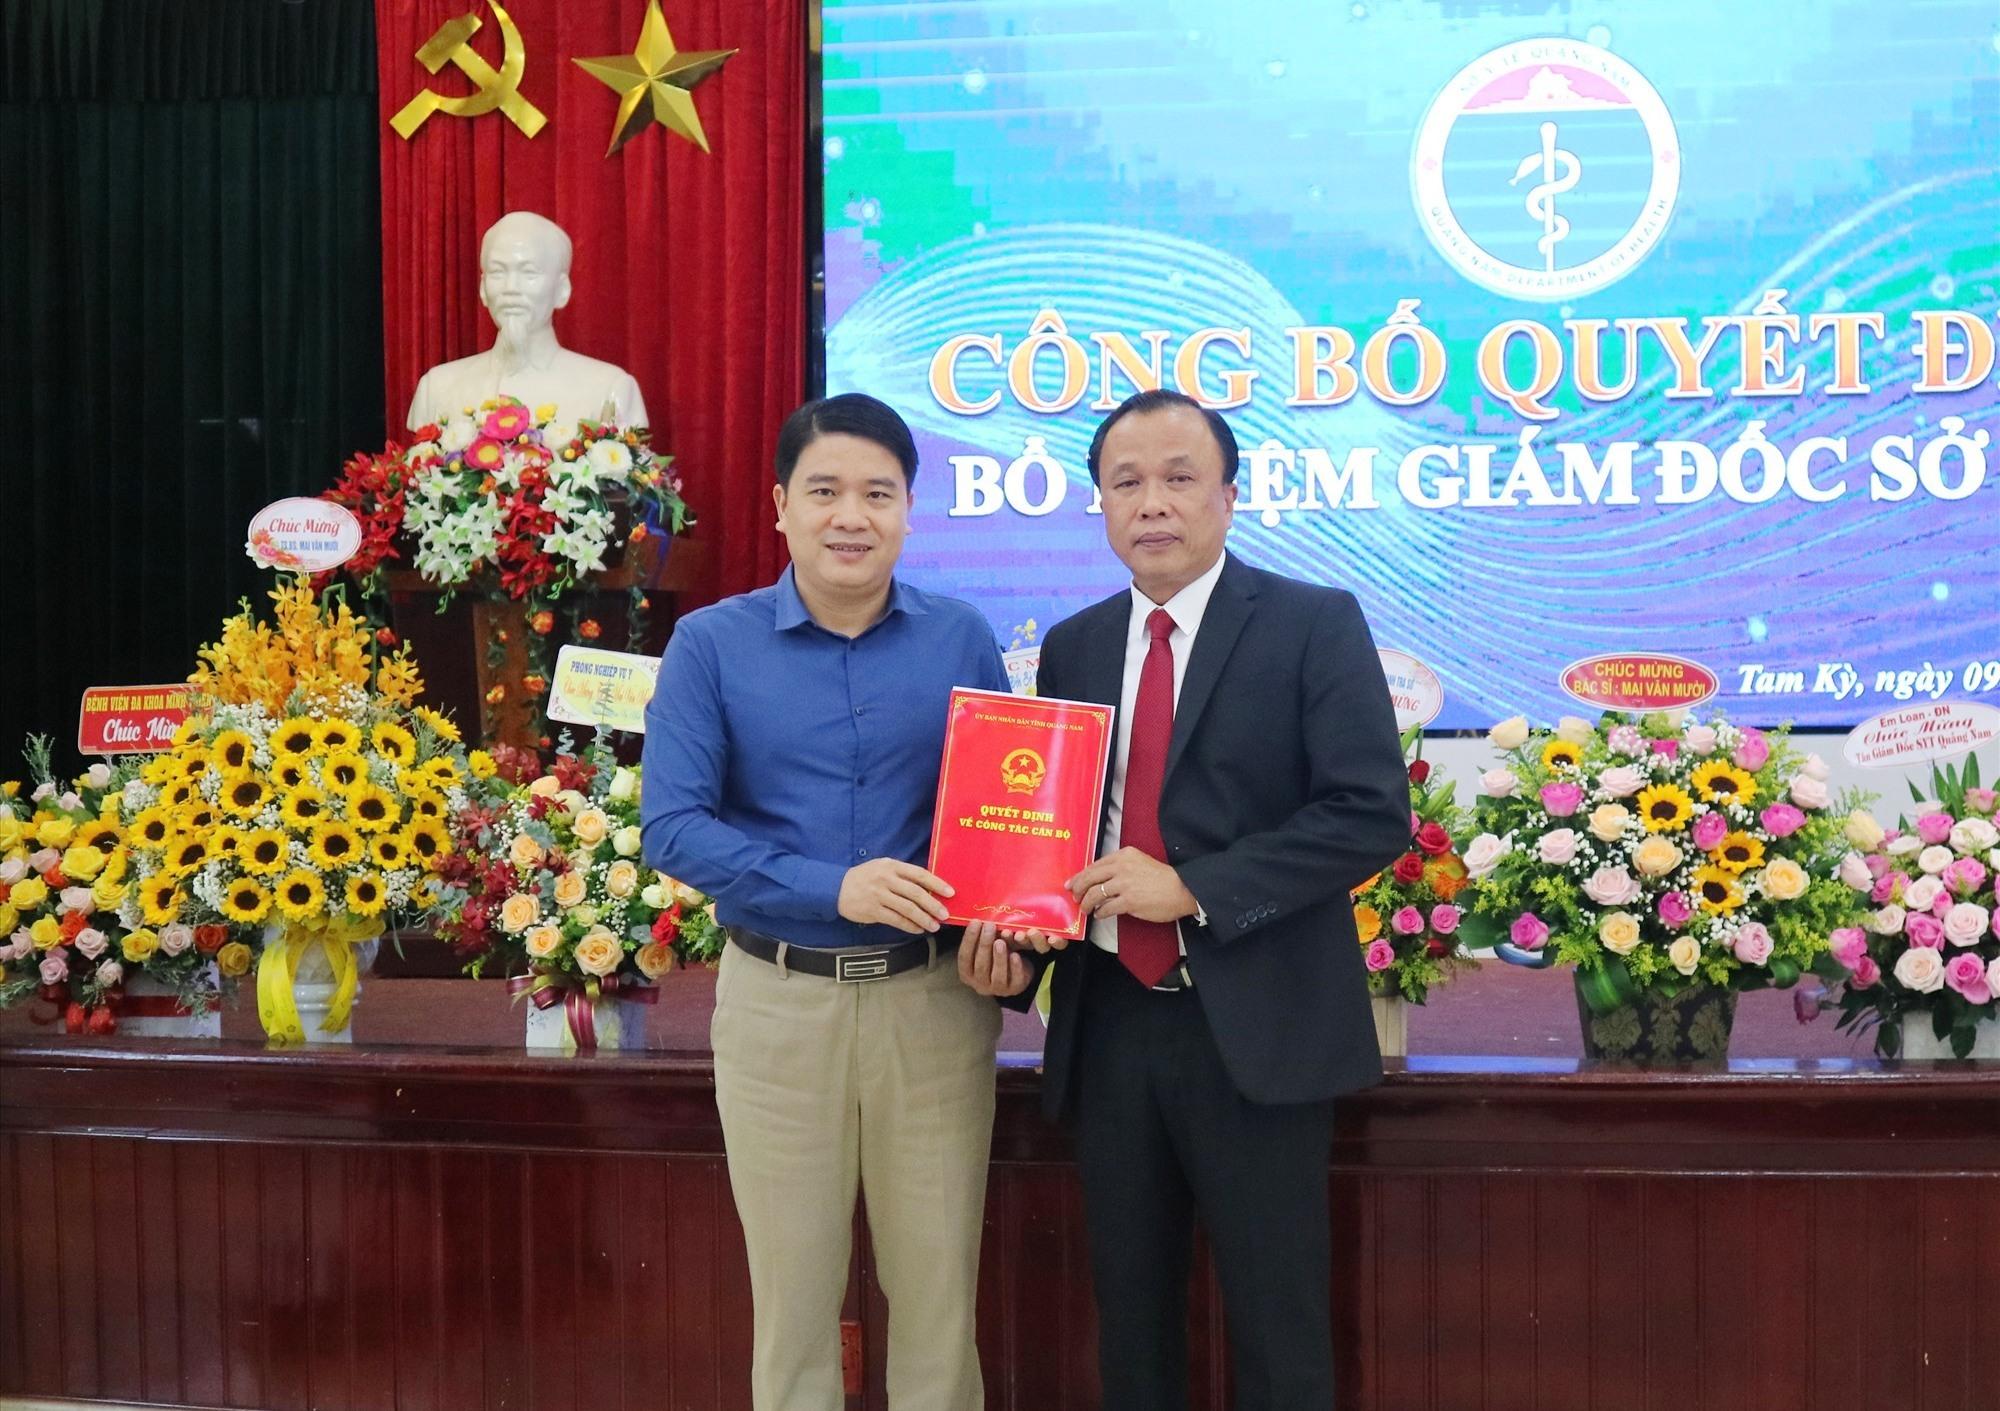 Quảng Nam điều động và bổ nhiệm 3 Giám đốc Sở - Ảnh 3.